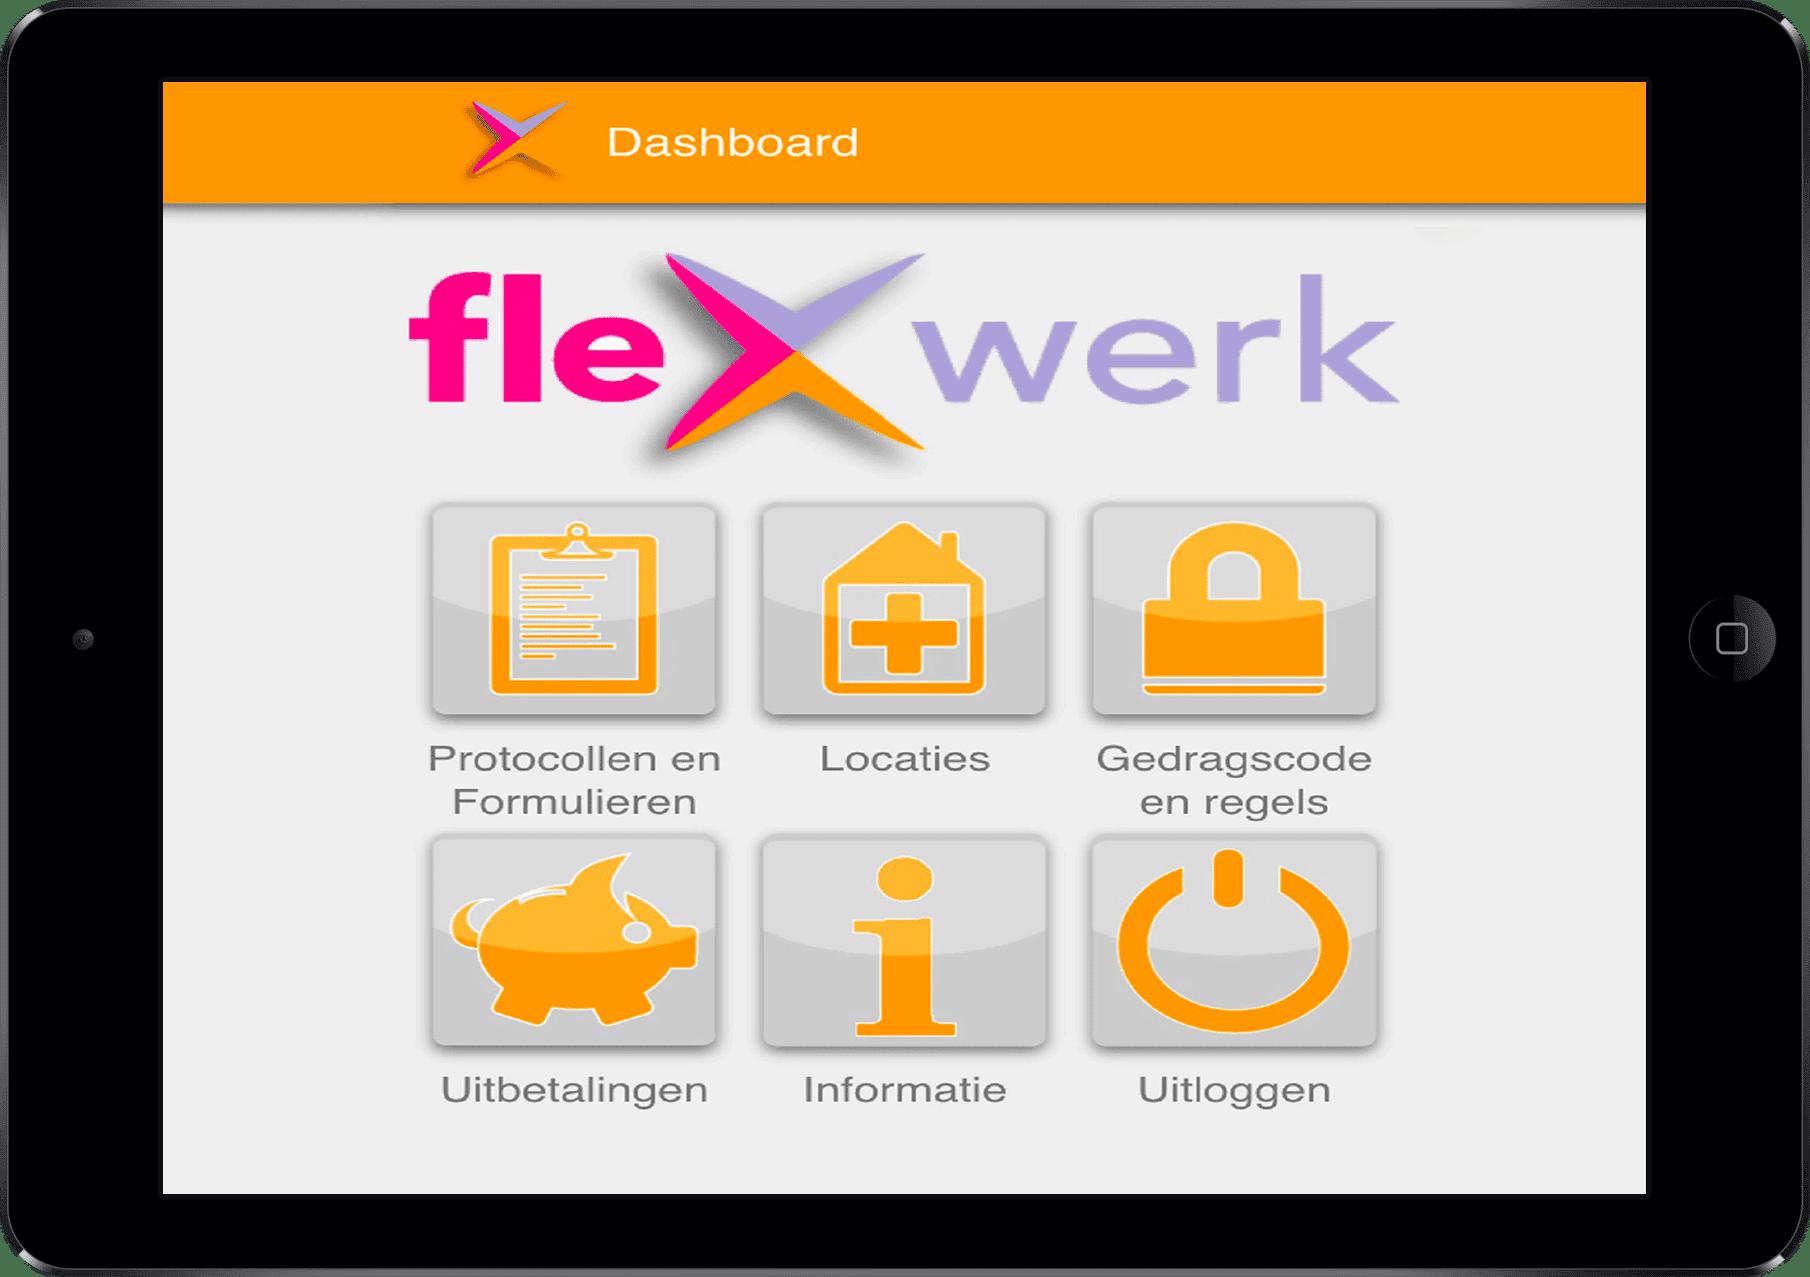 flexwerk app voor tablet